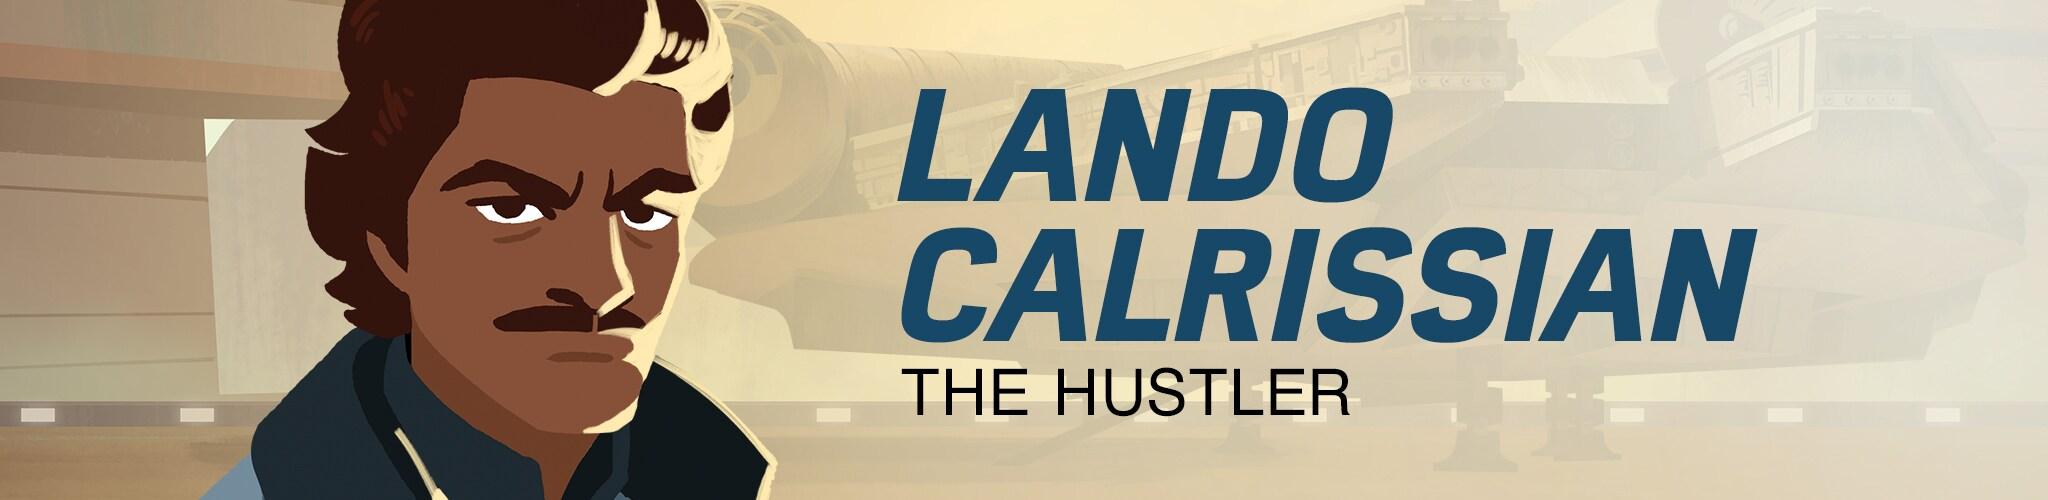 Lando Calrissian - The Hustler